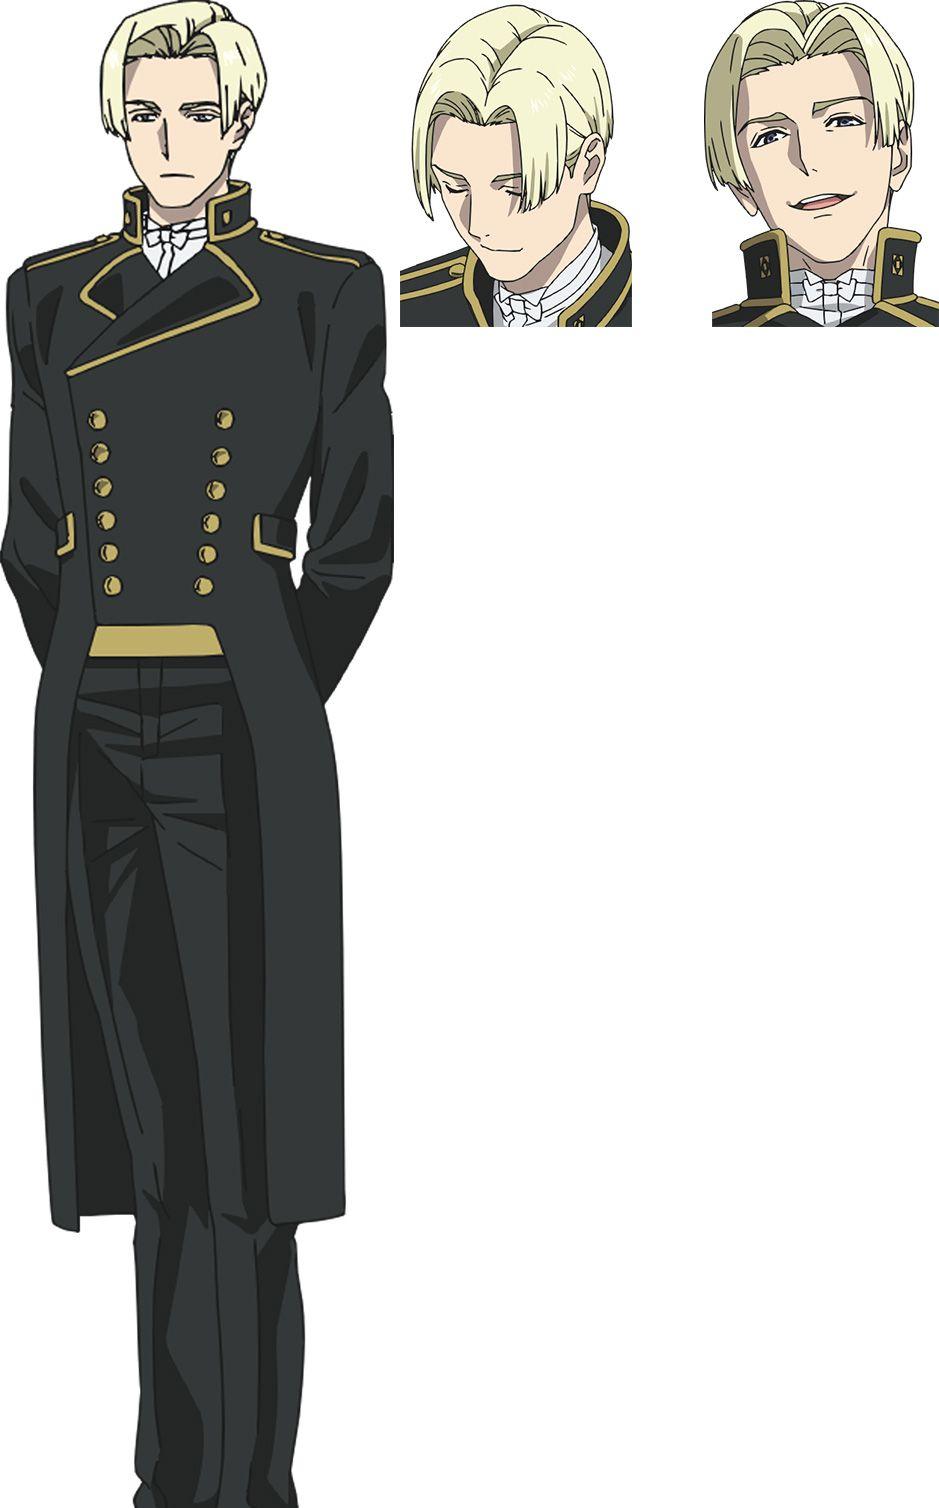 takt-op.Destiny-Character-Designs-Shindler